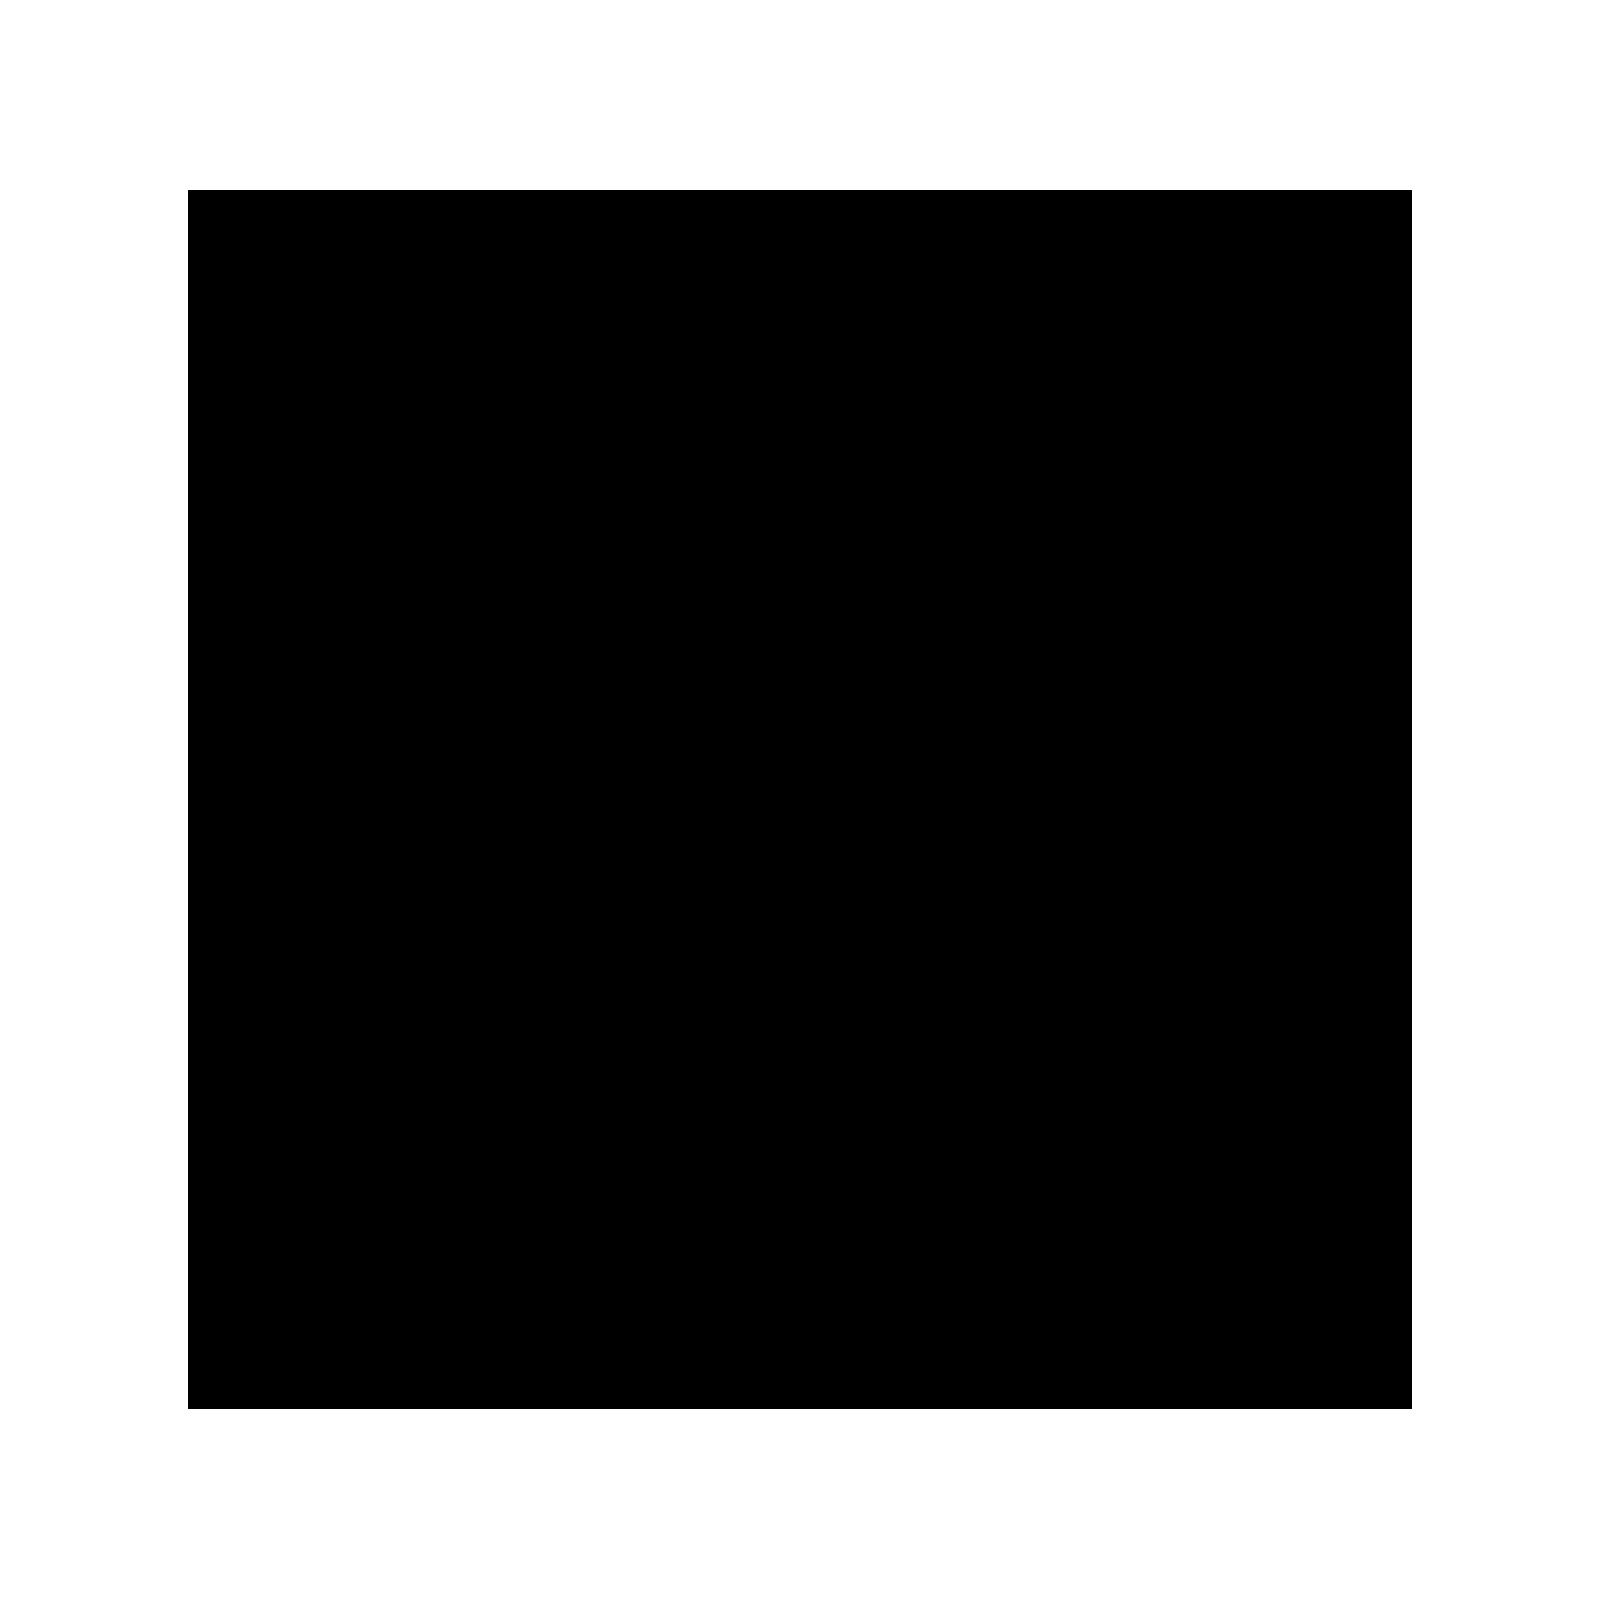 Gruppo monoforo lavabo con canna antica girevole